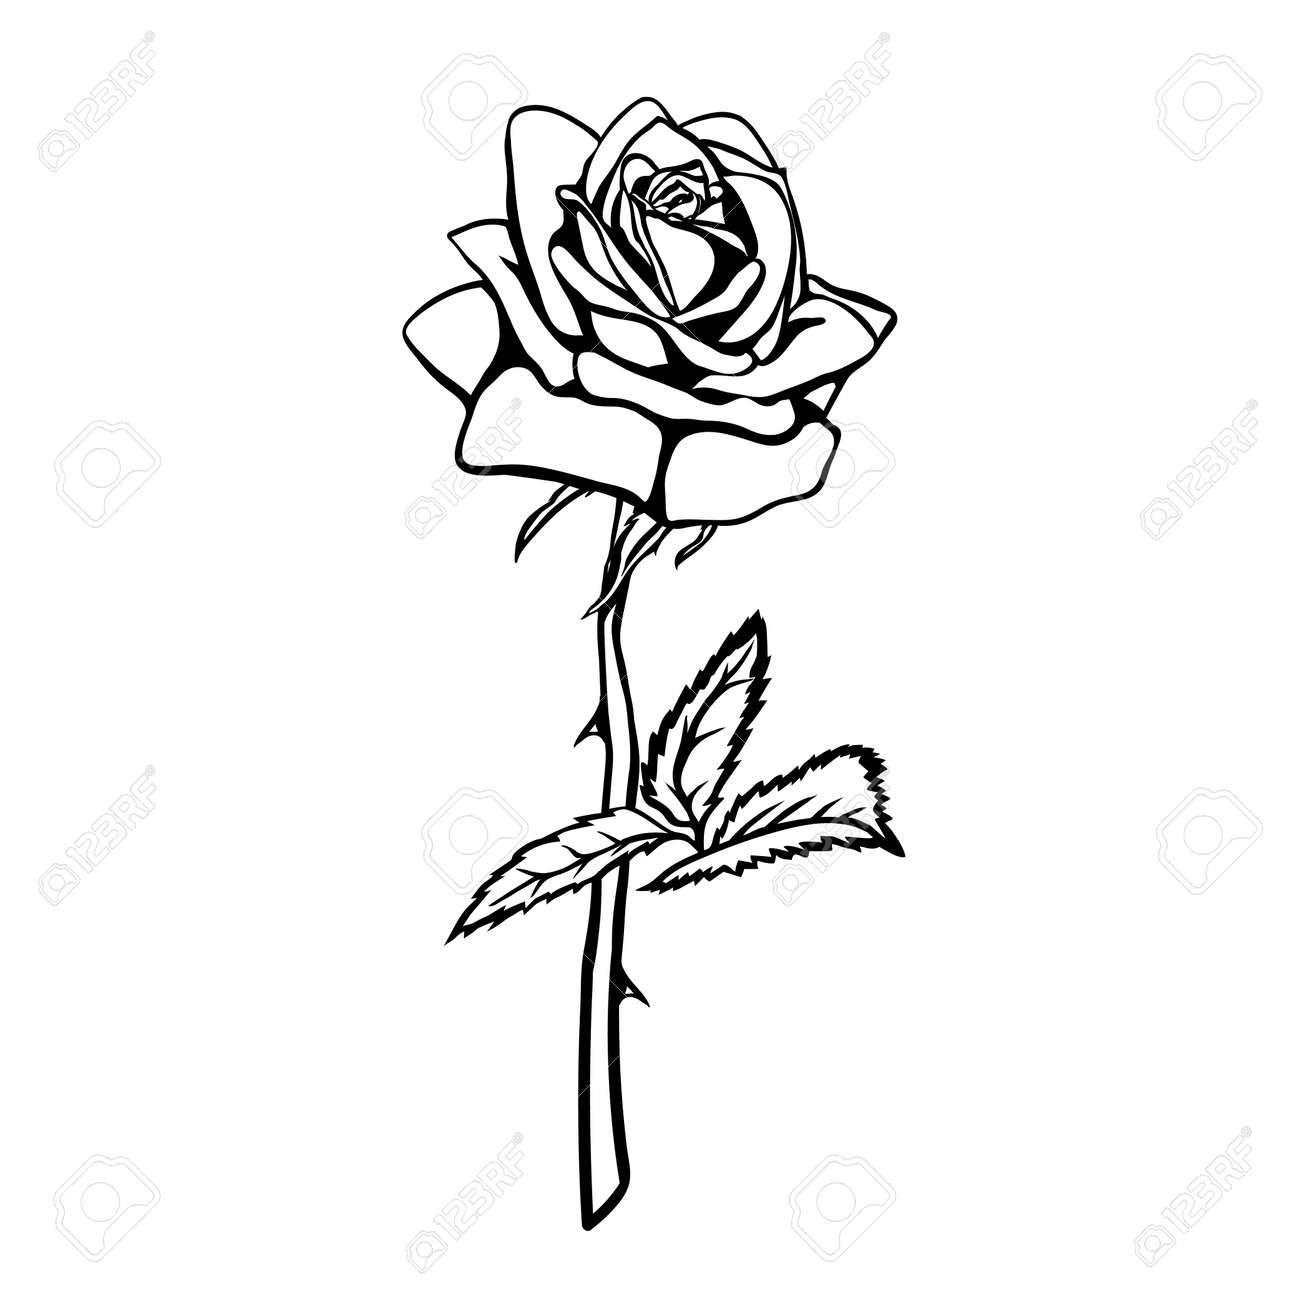 Rose Sketch Black Outline On White Background Vector Illustration